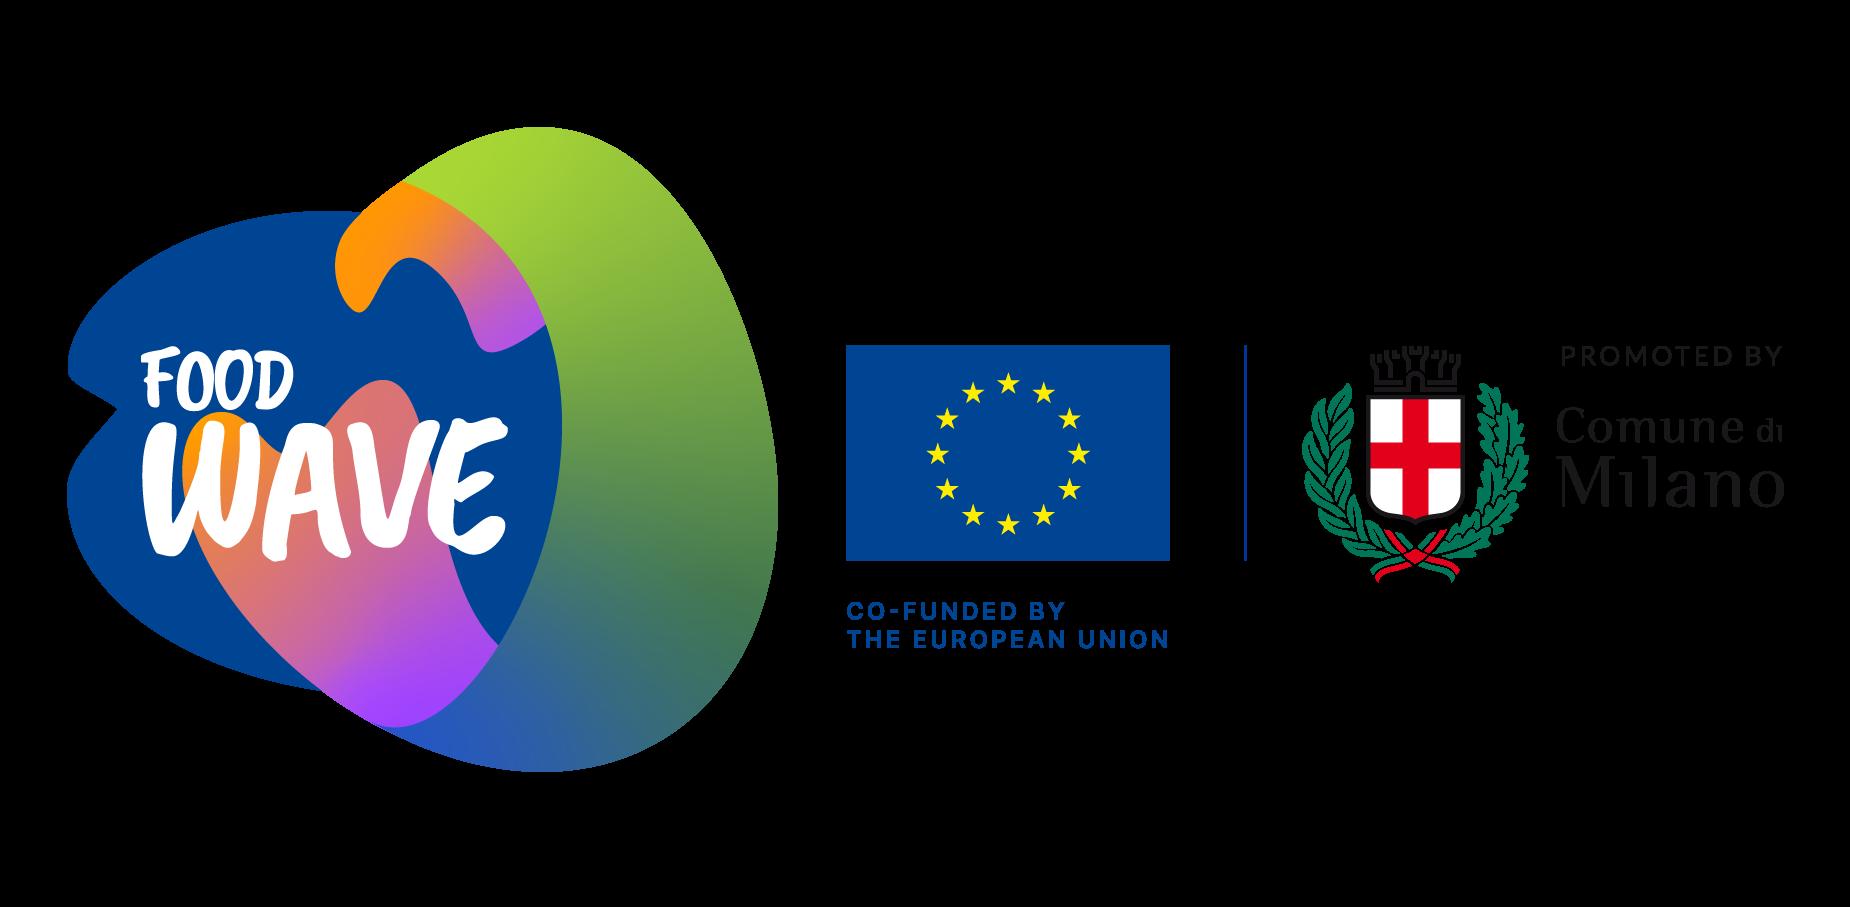 foodwave logo